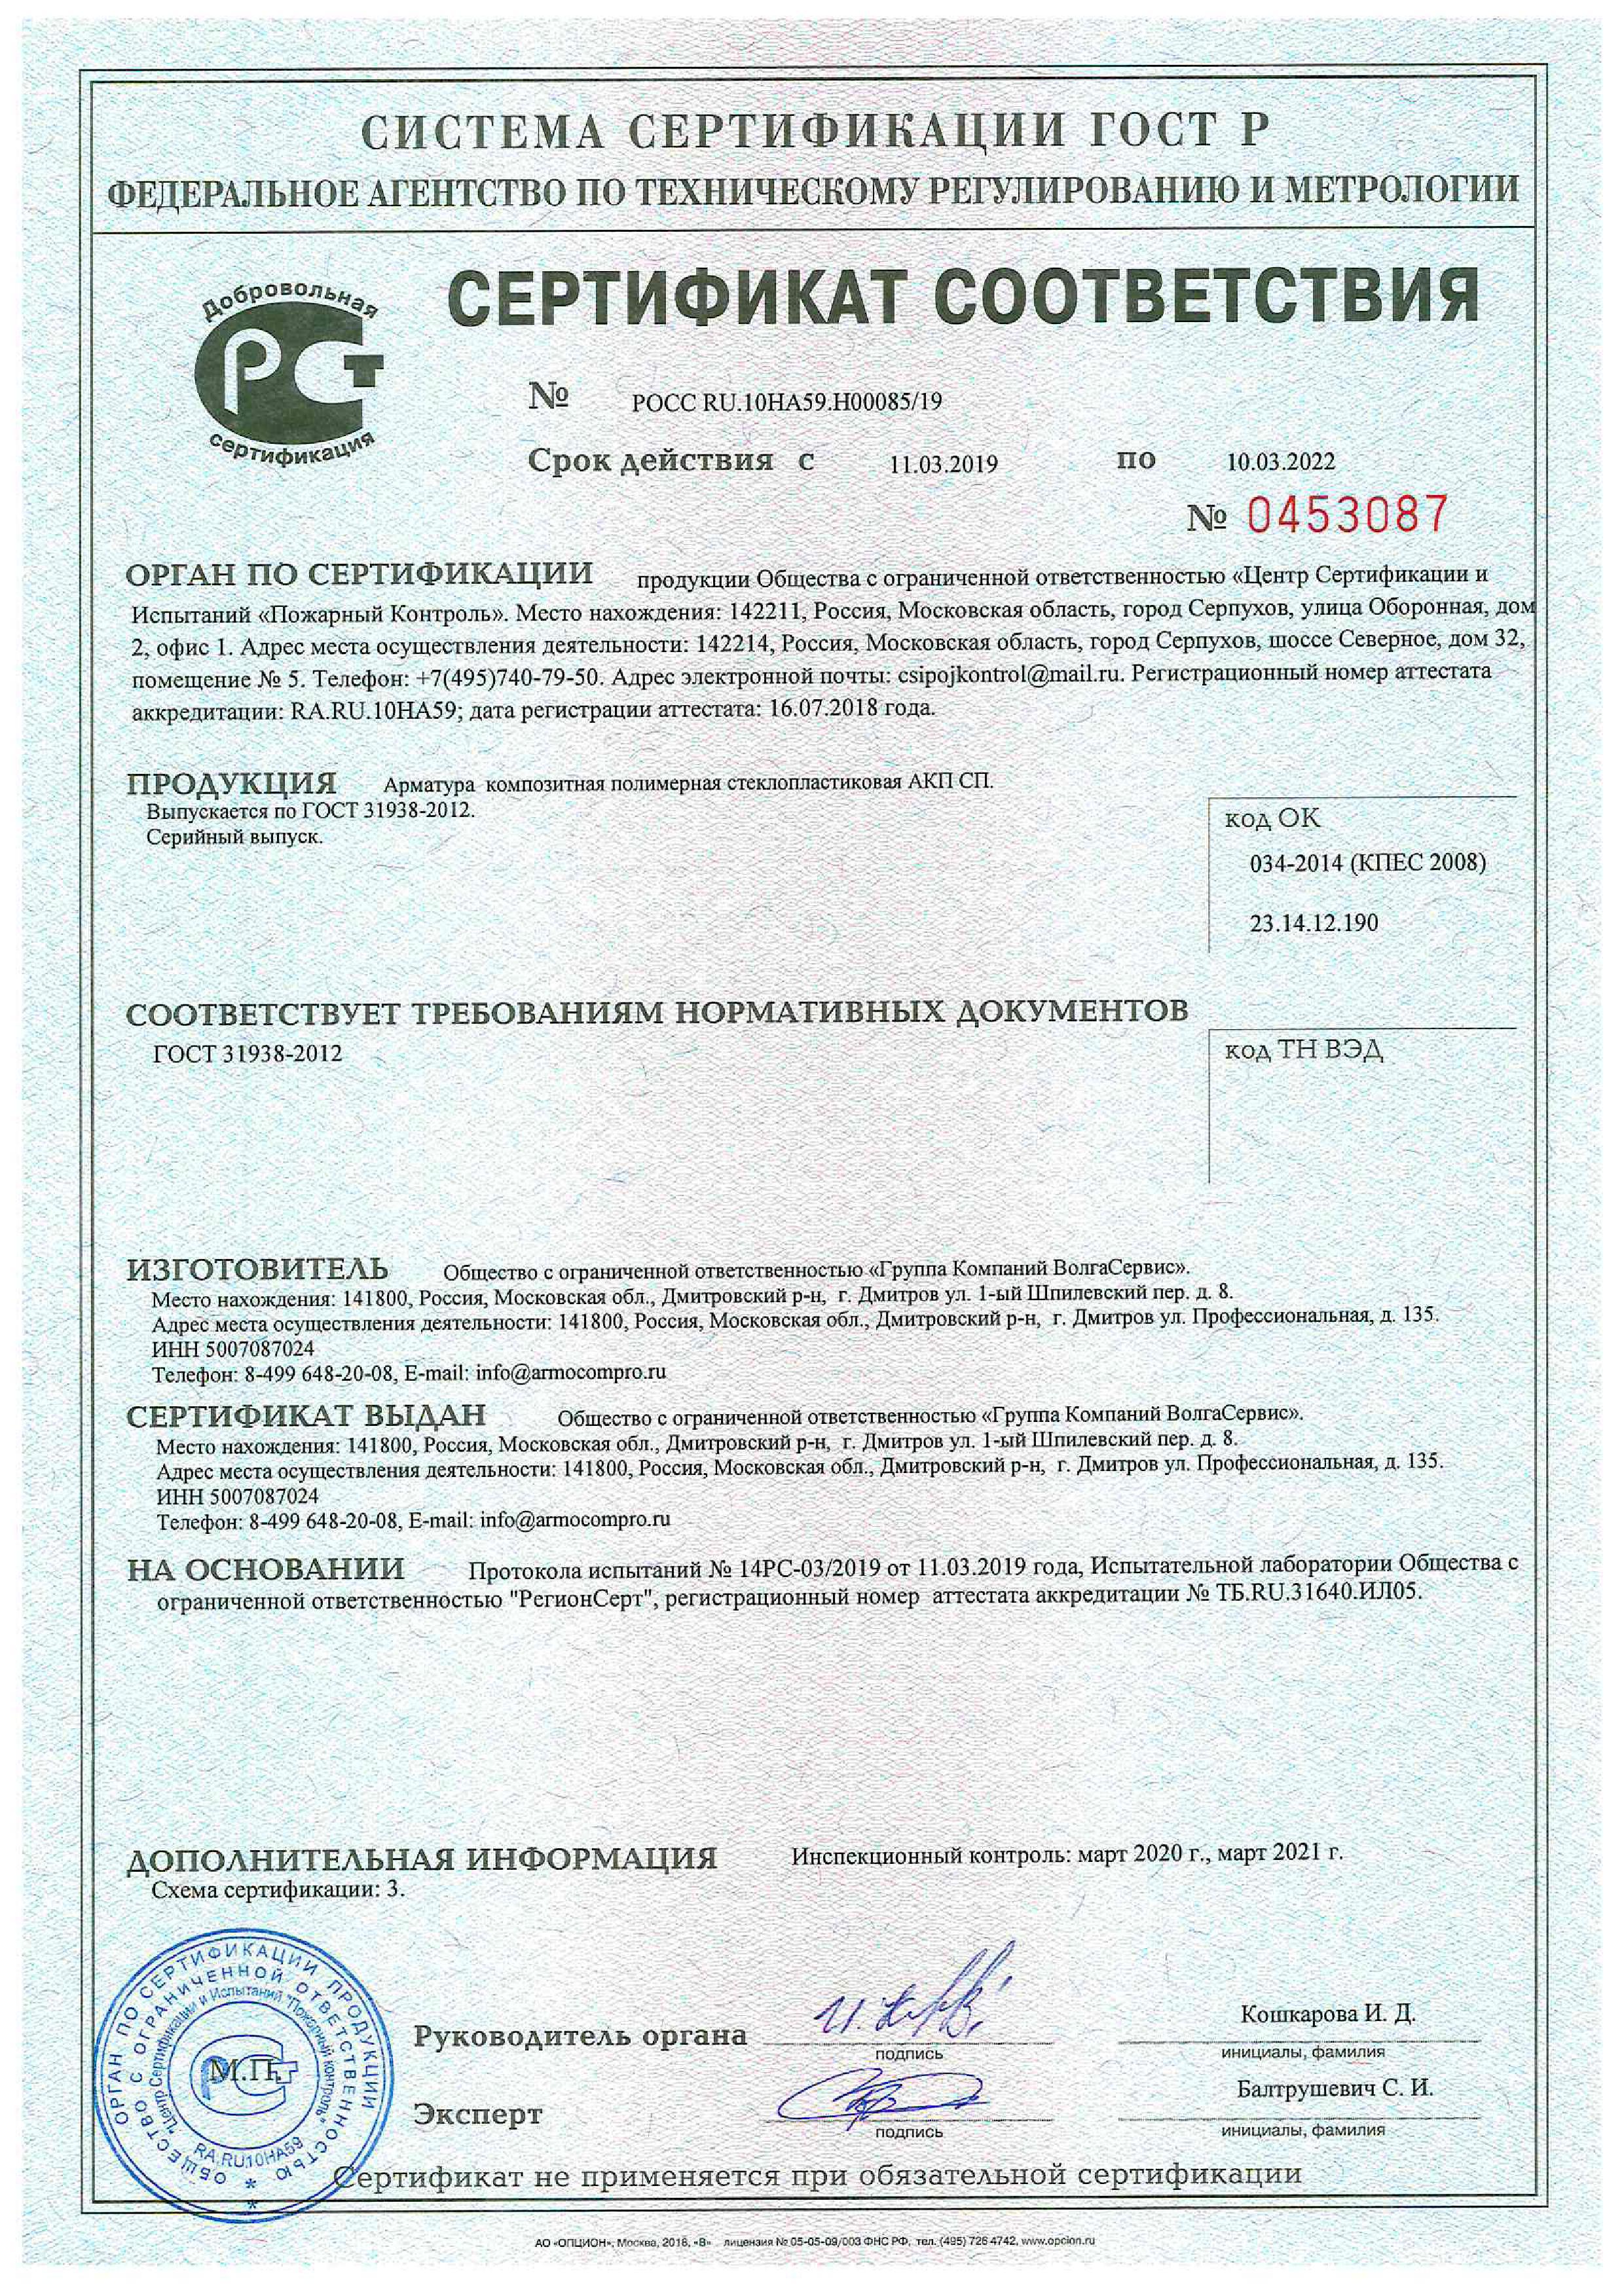 Сертификат ГОСТ 32492-2015 композитной стеклопластиковой арматуры